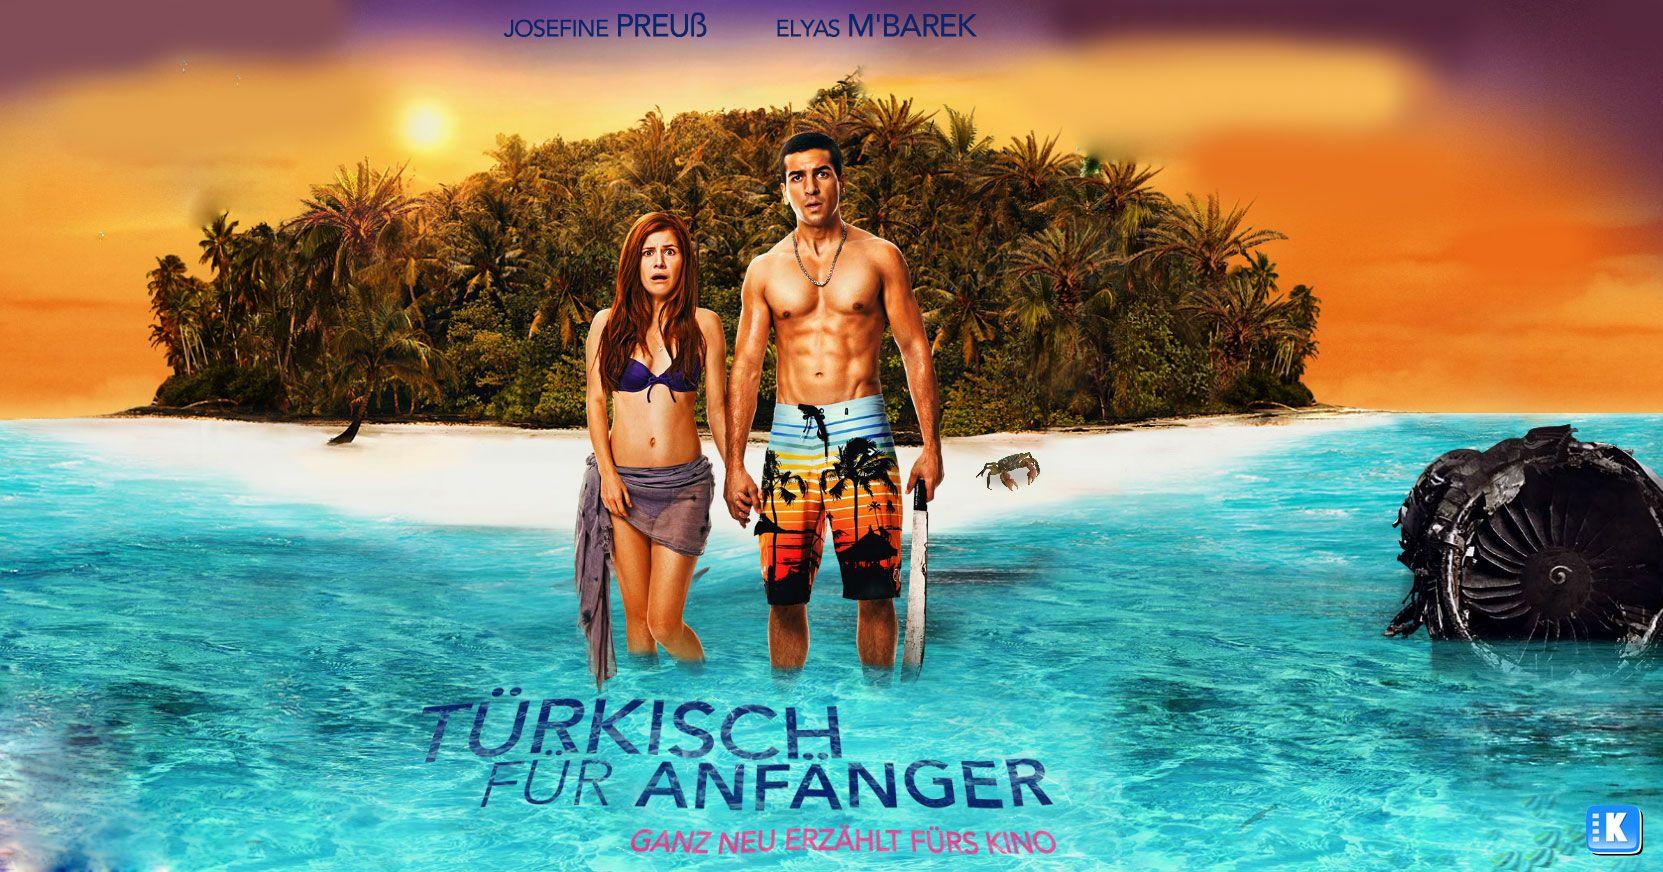 245 Turkisch Fur Anfanger Turkisch Fur Anfanger Turkisch Filme